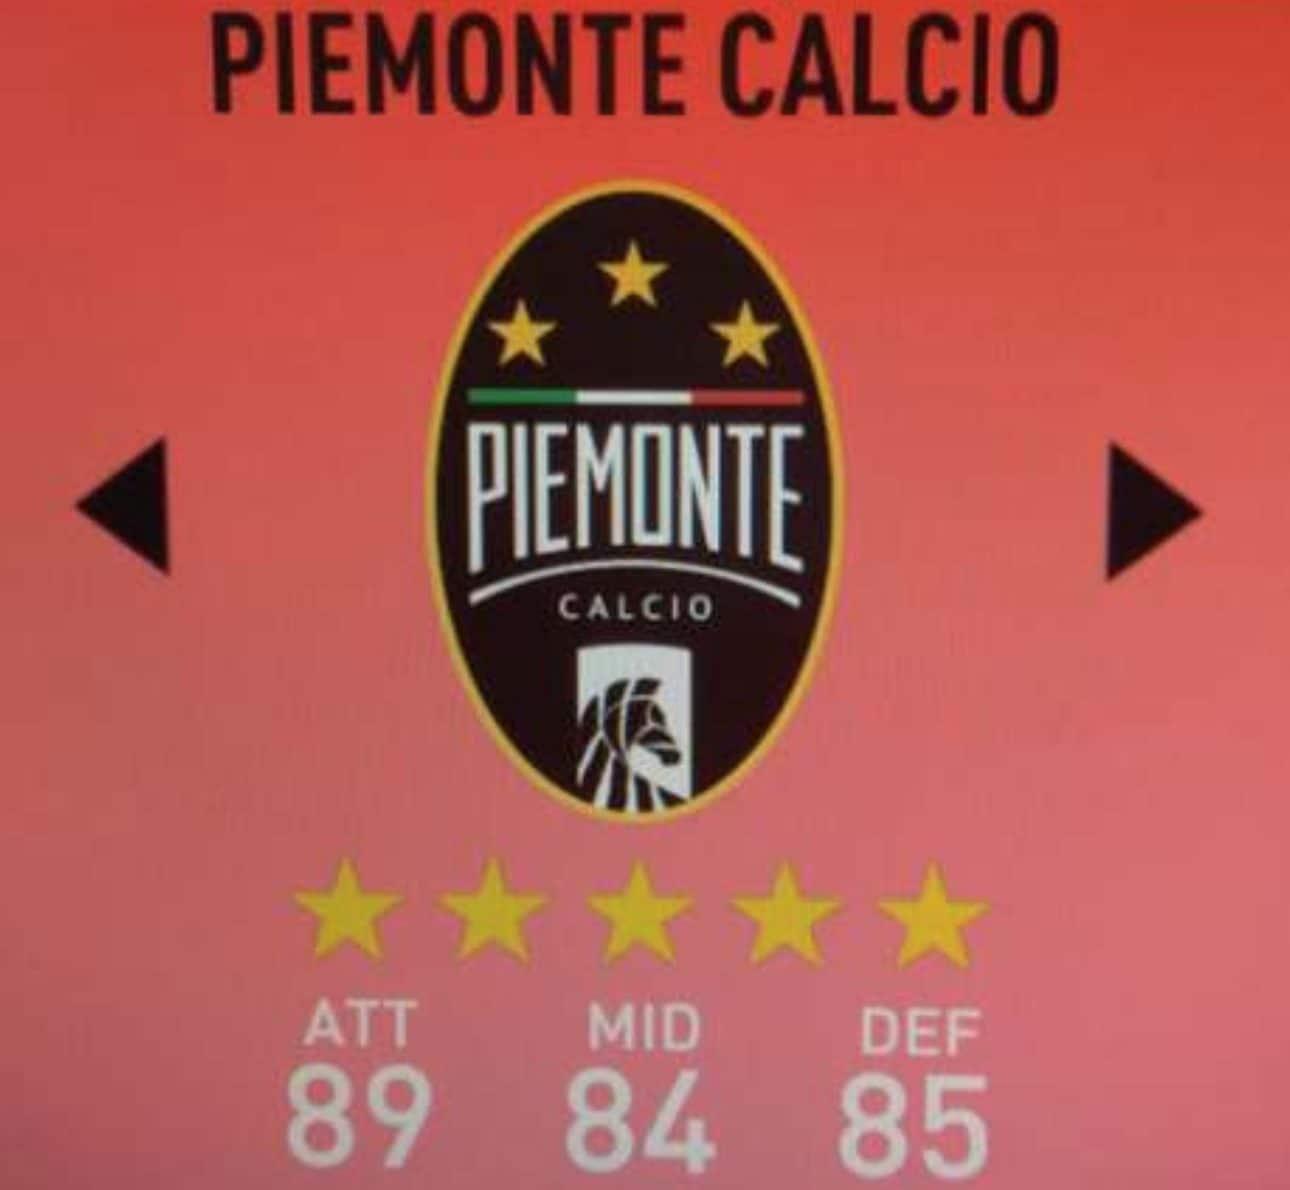 Il logo del Piemonte Calcio.